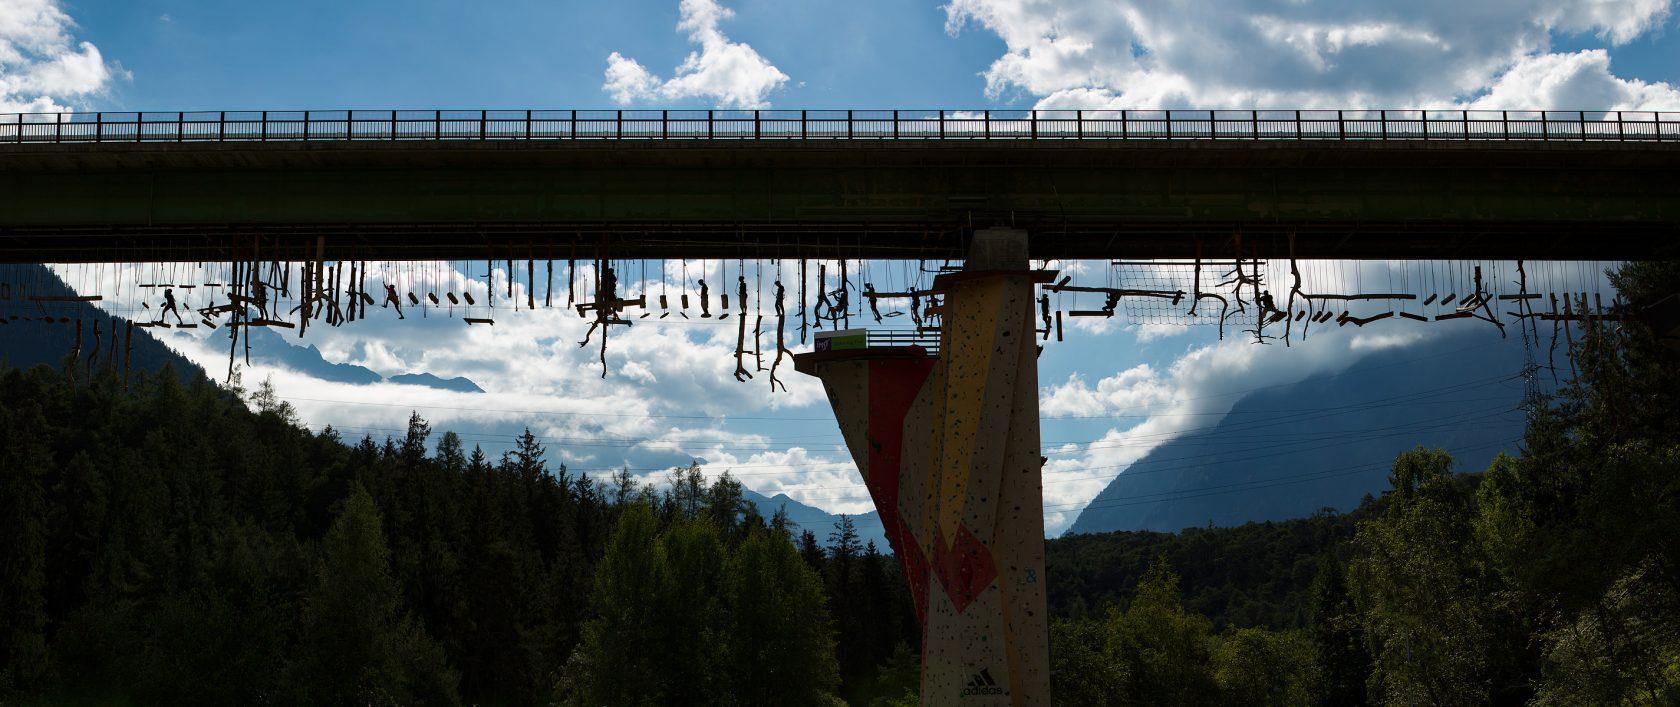 Austrias highest high ropes course